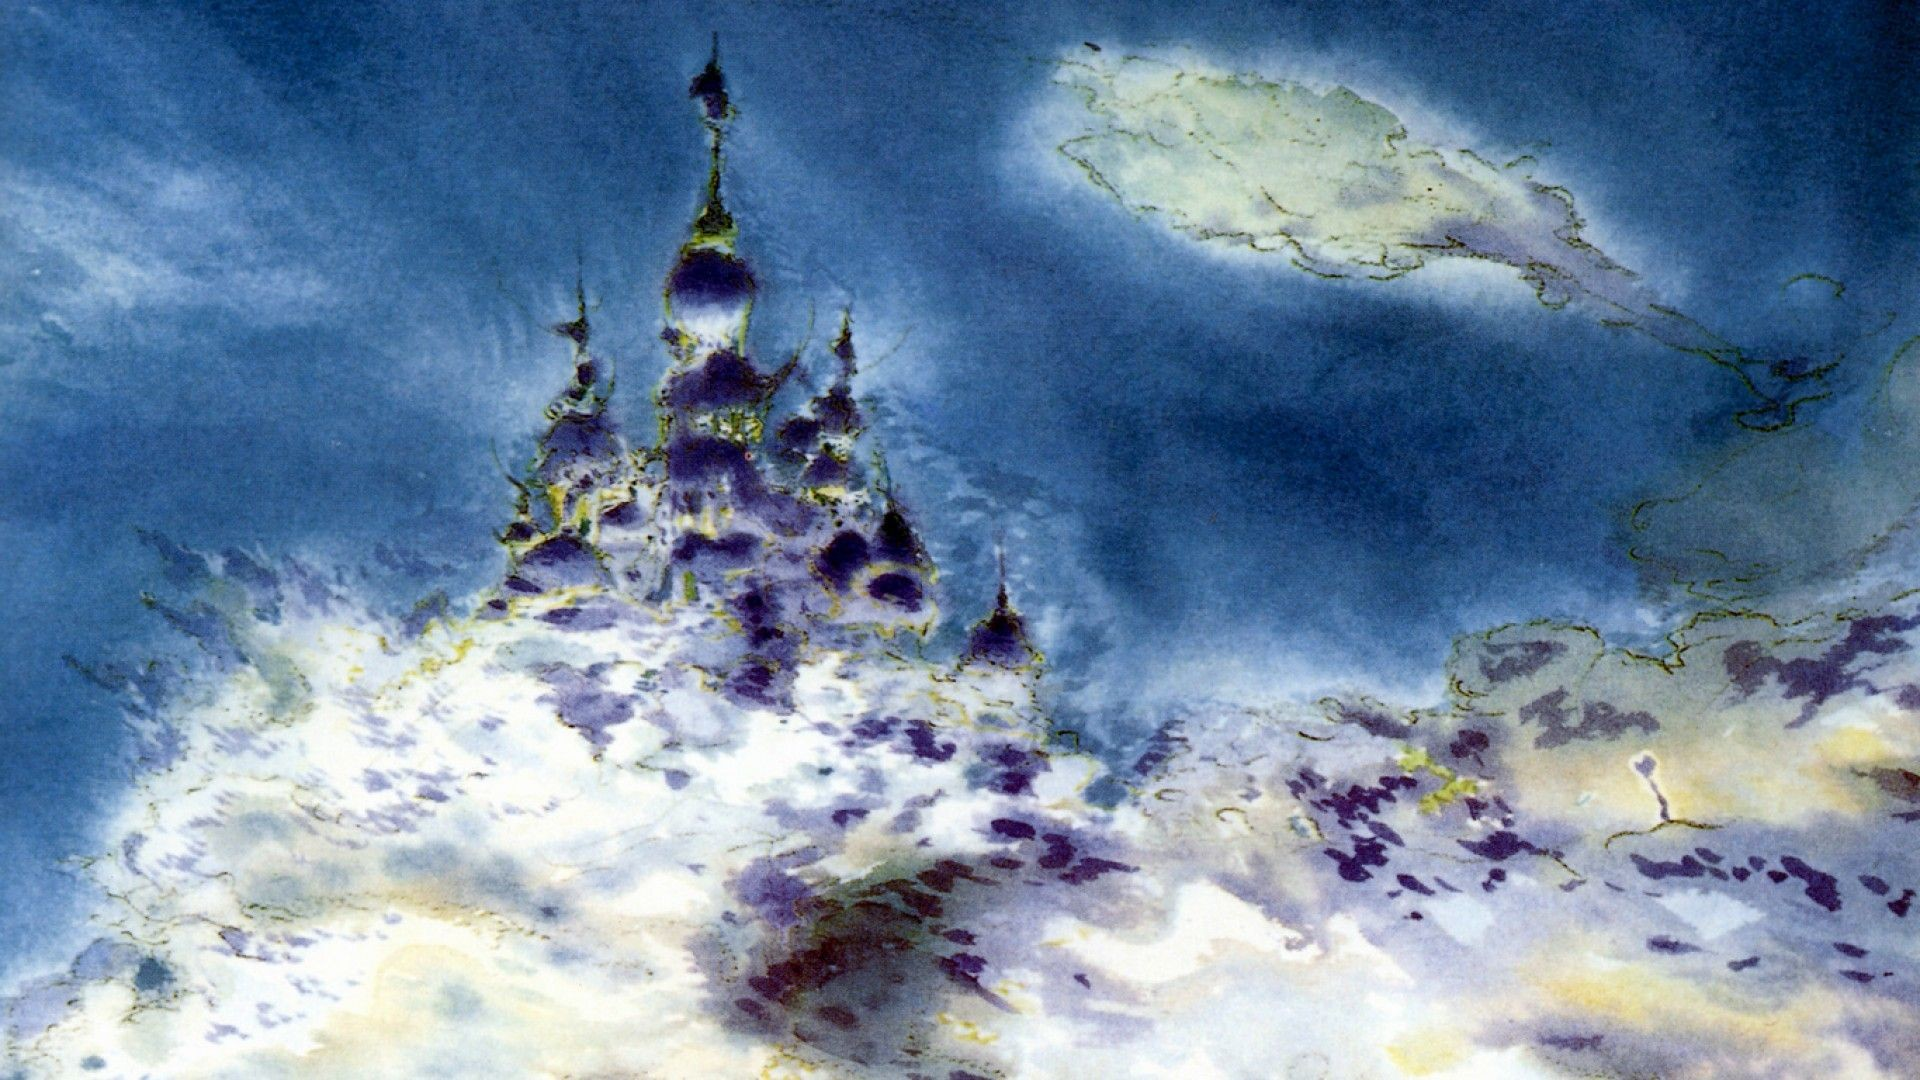 La m?sica de Final Fantasy (2? parte) / NEET – El